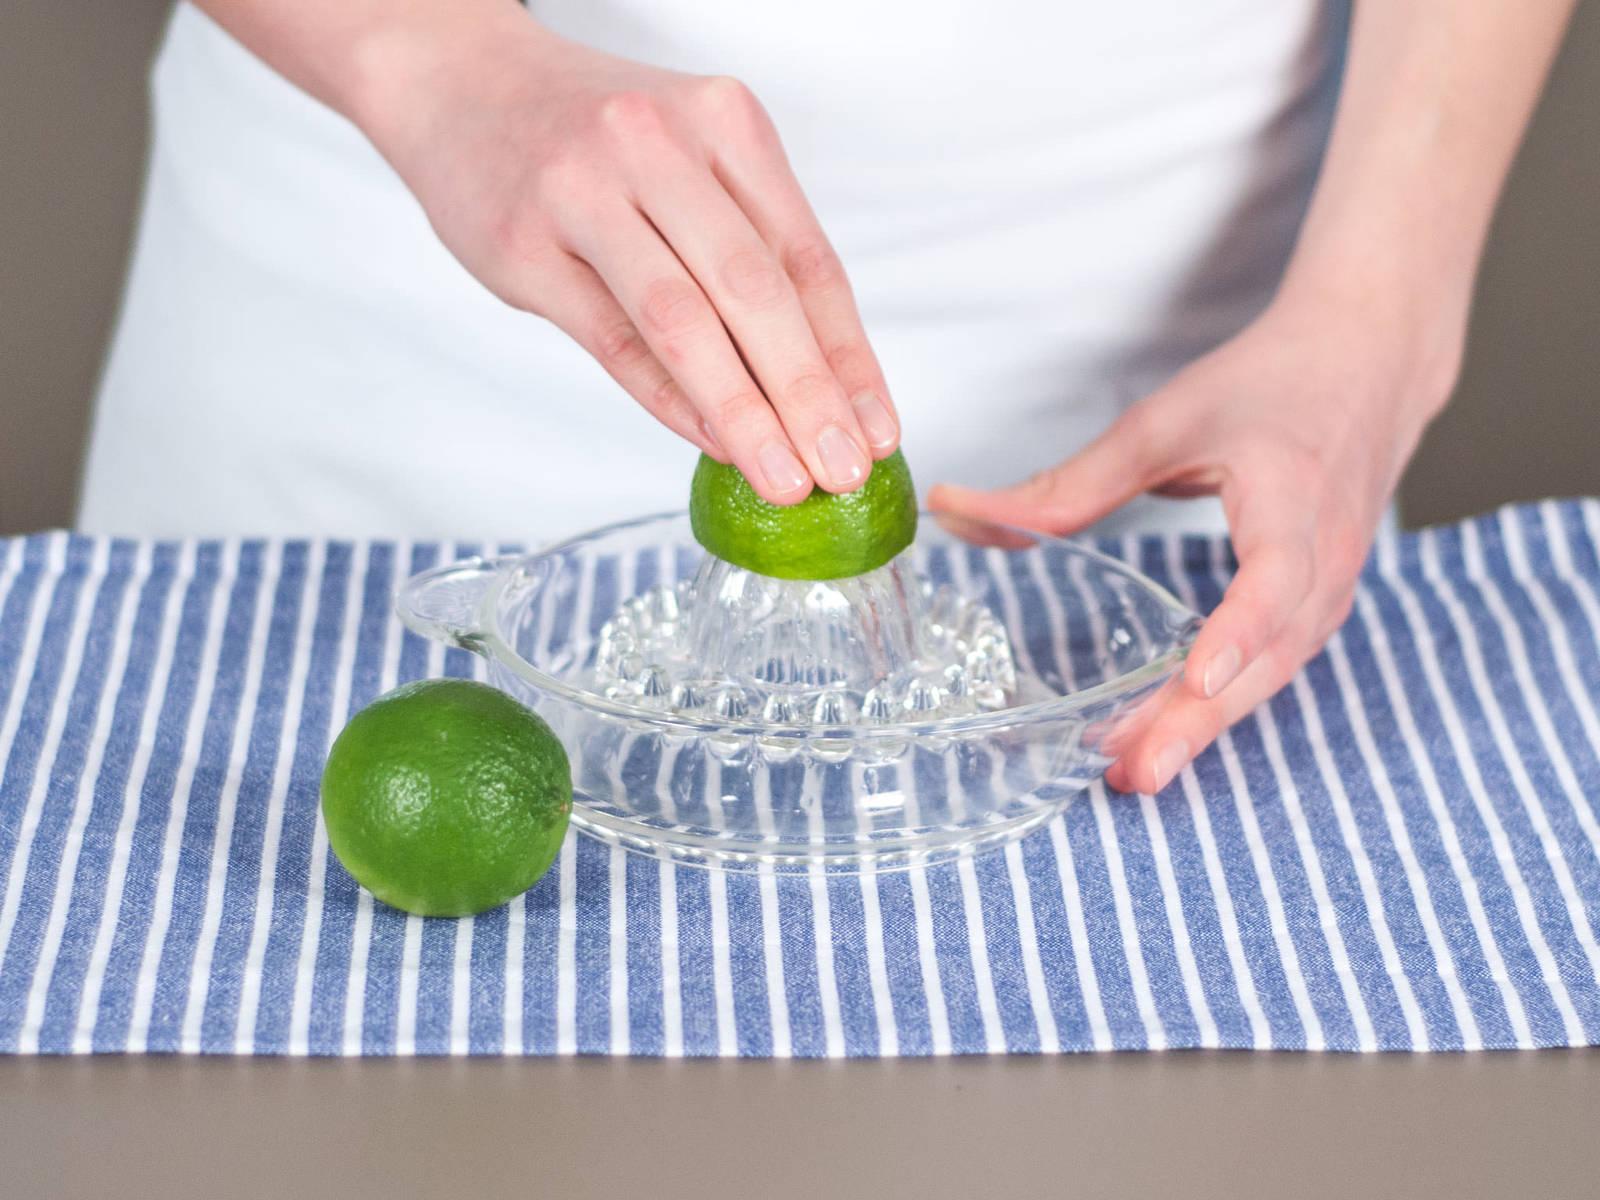 将剩余的酸橙和擦过皮碎的酸橙对半切开,并榨汁备用。